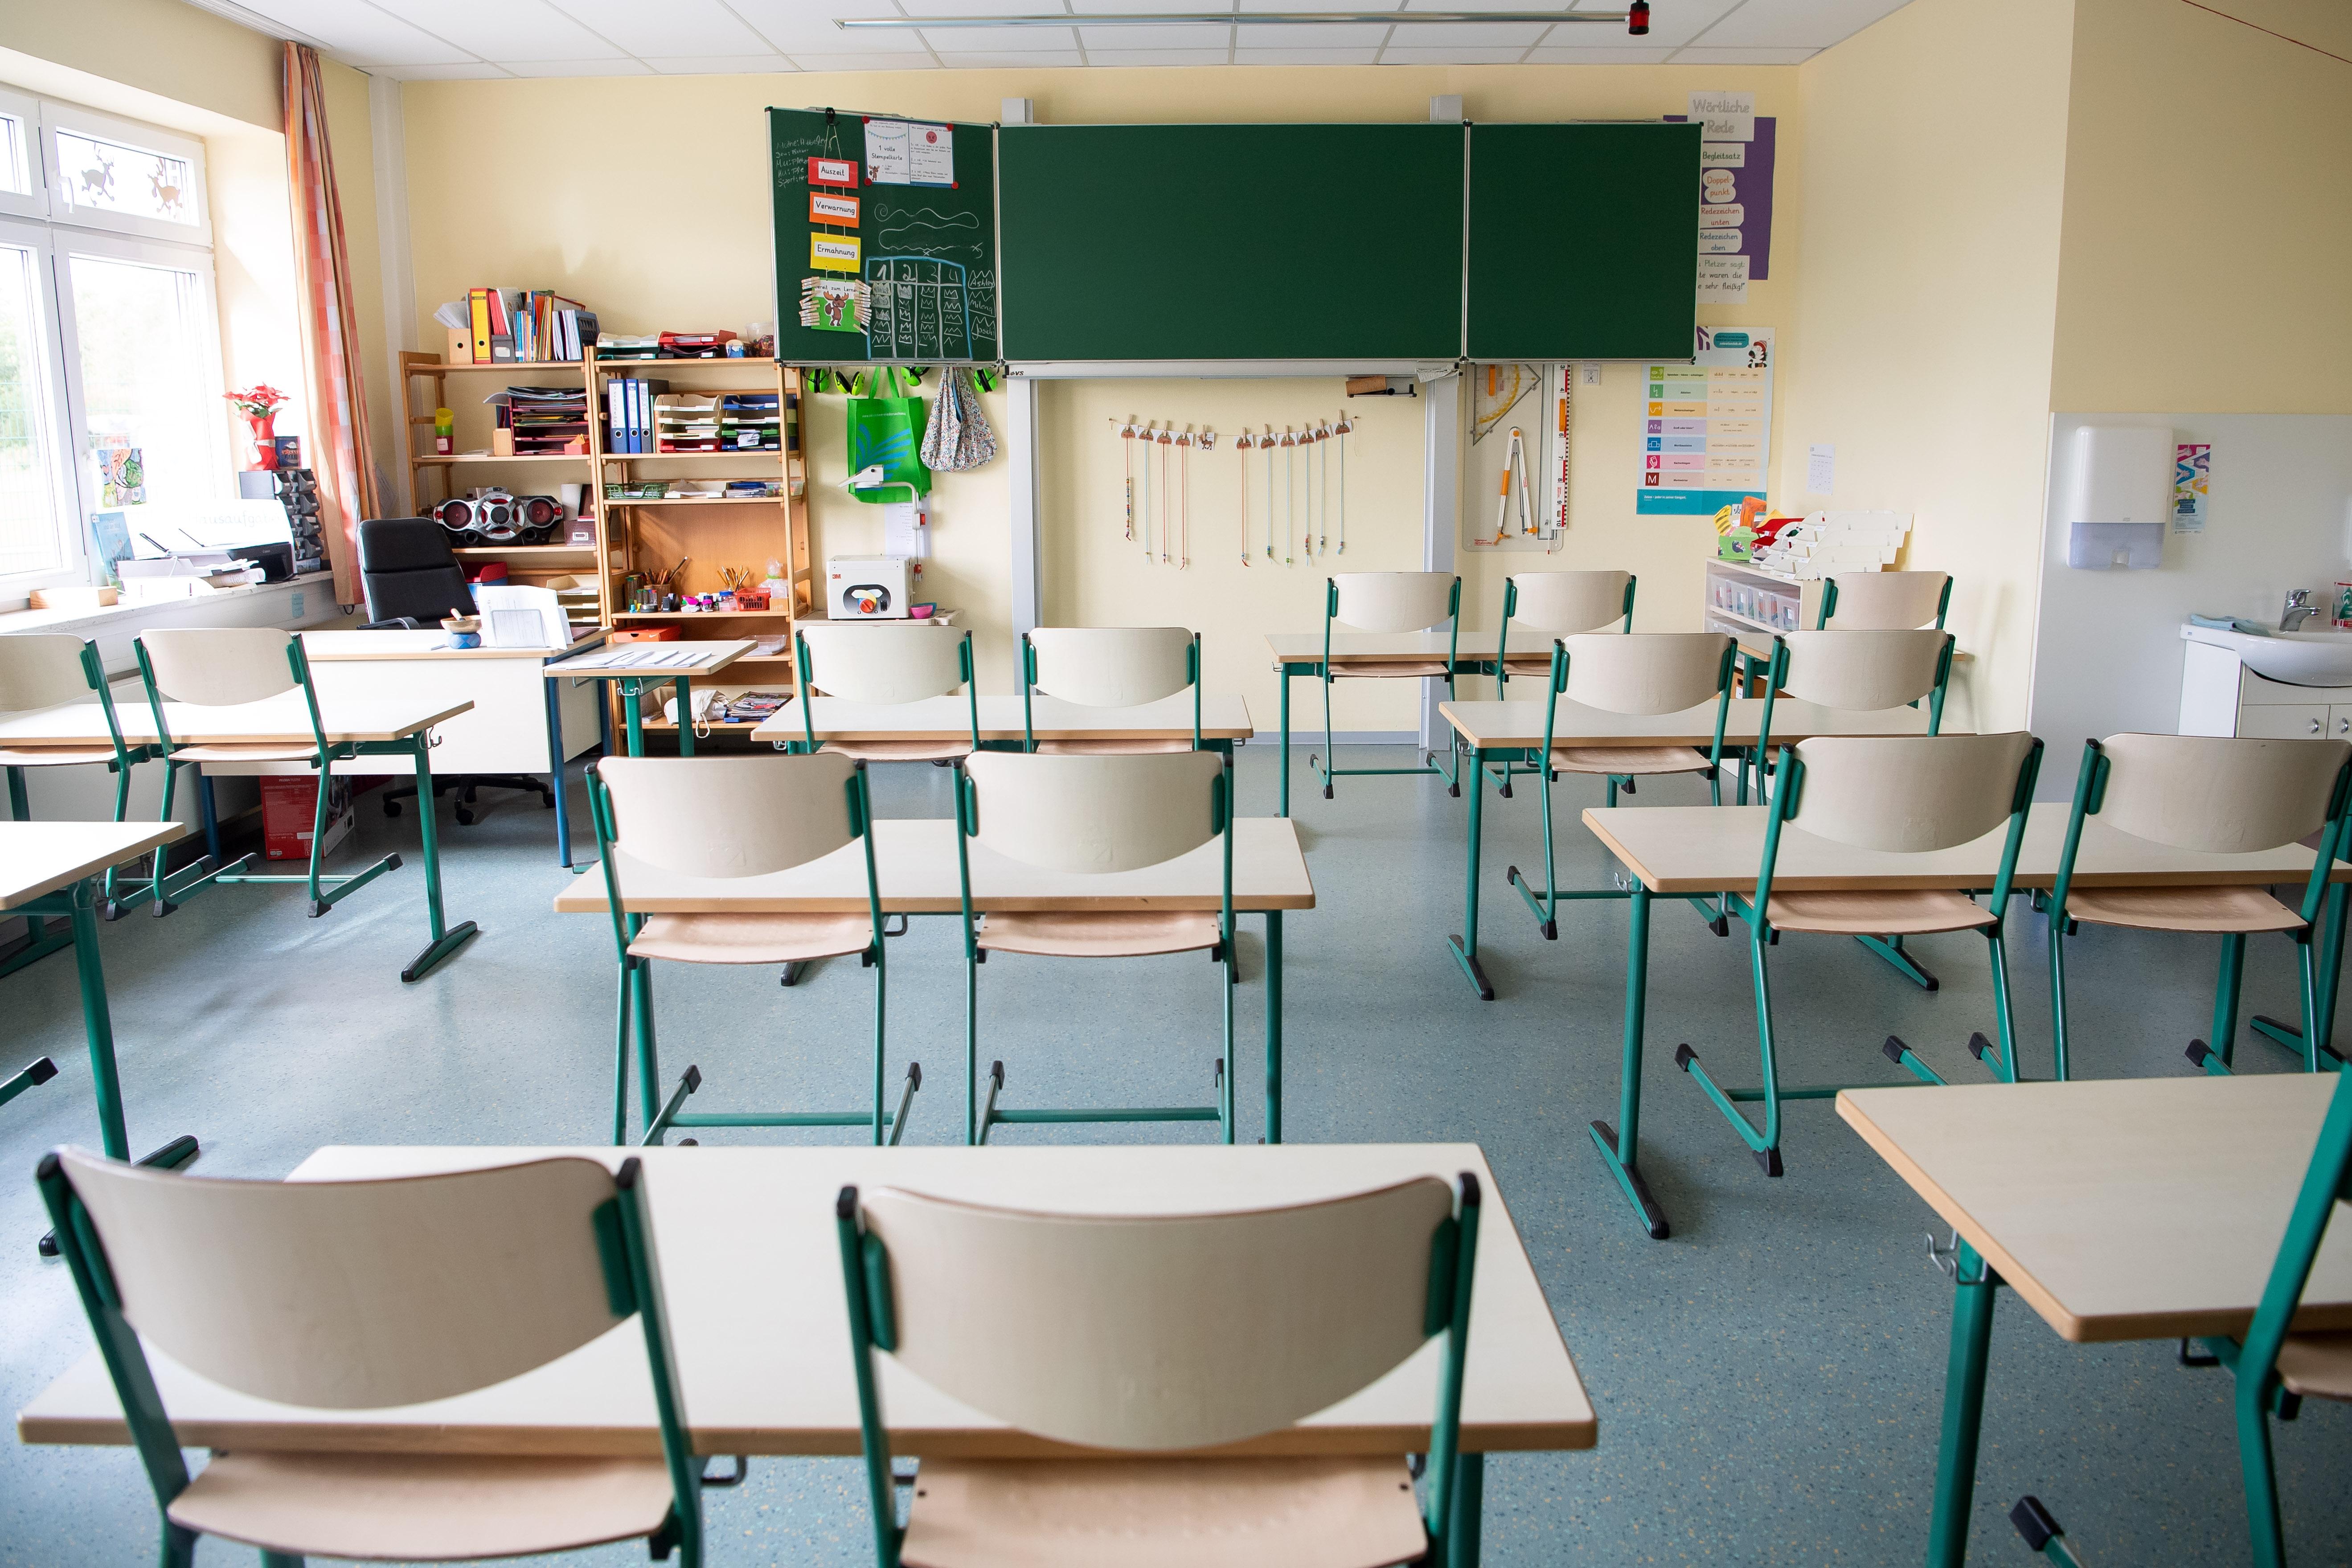 Elrendelhetnek rendkívüli szünetet az iskolák, ha kevés diák jelenik meg személyesen a tanításon, mondja az EMMI